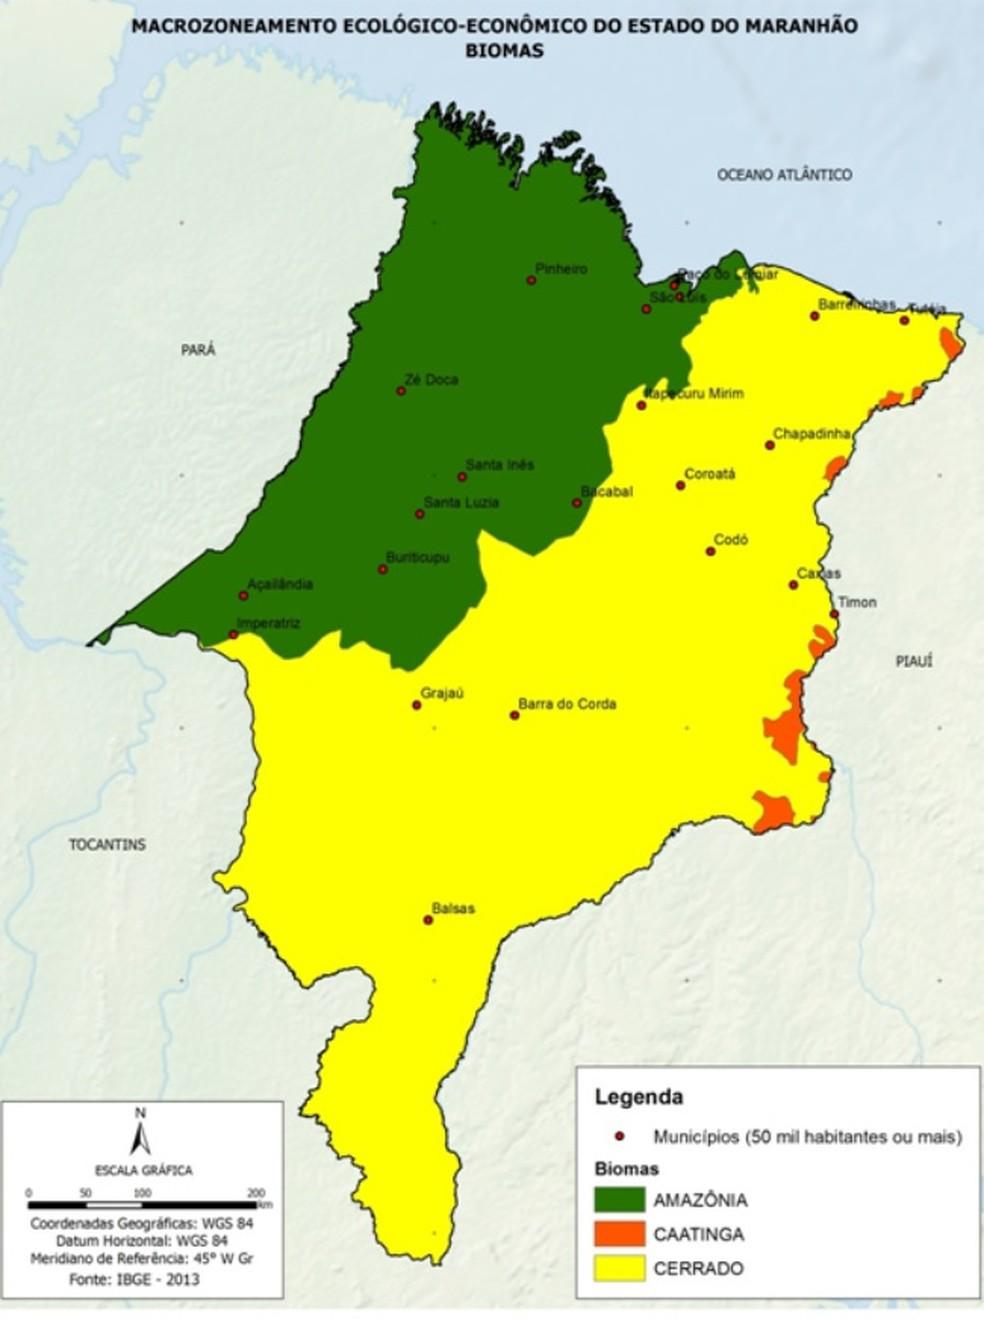 biomas ma - Queimadas no Maranhão cresceram 73% em julho, aponta Inpe. Fernando Falcão e Mirador concentram os maiores índices - minuto barra